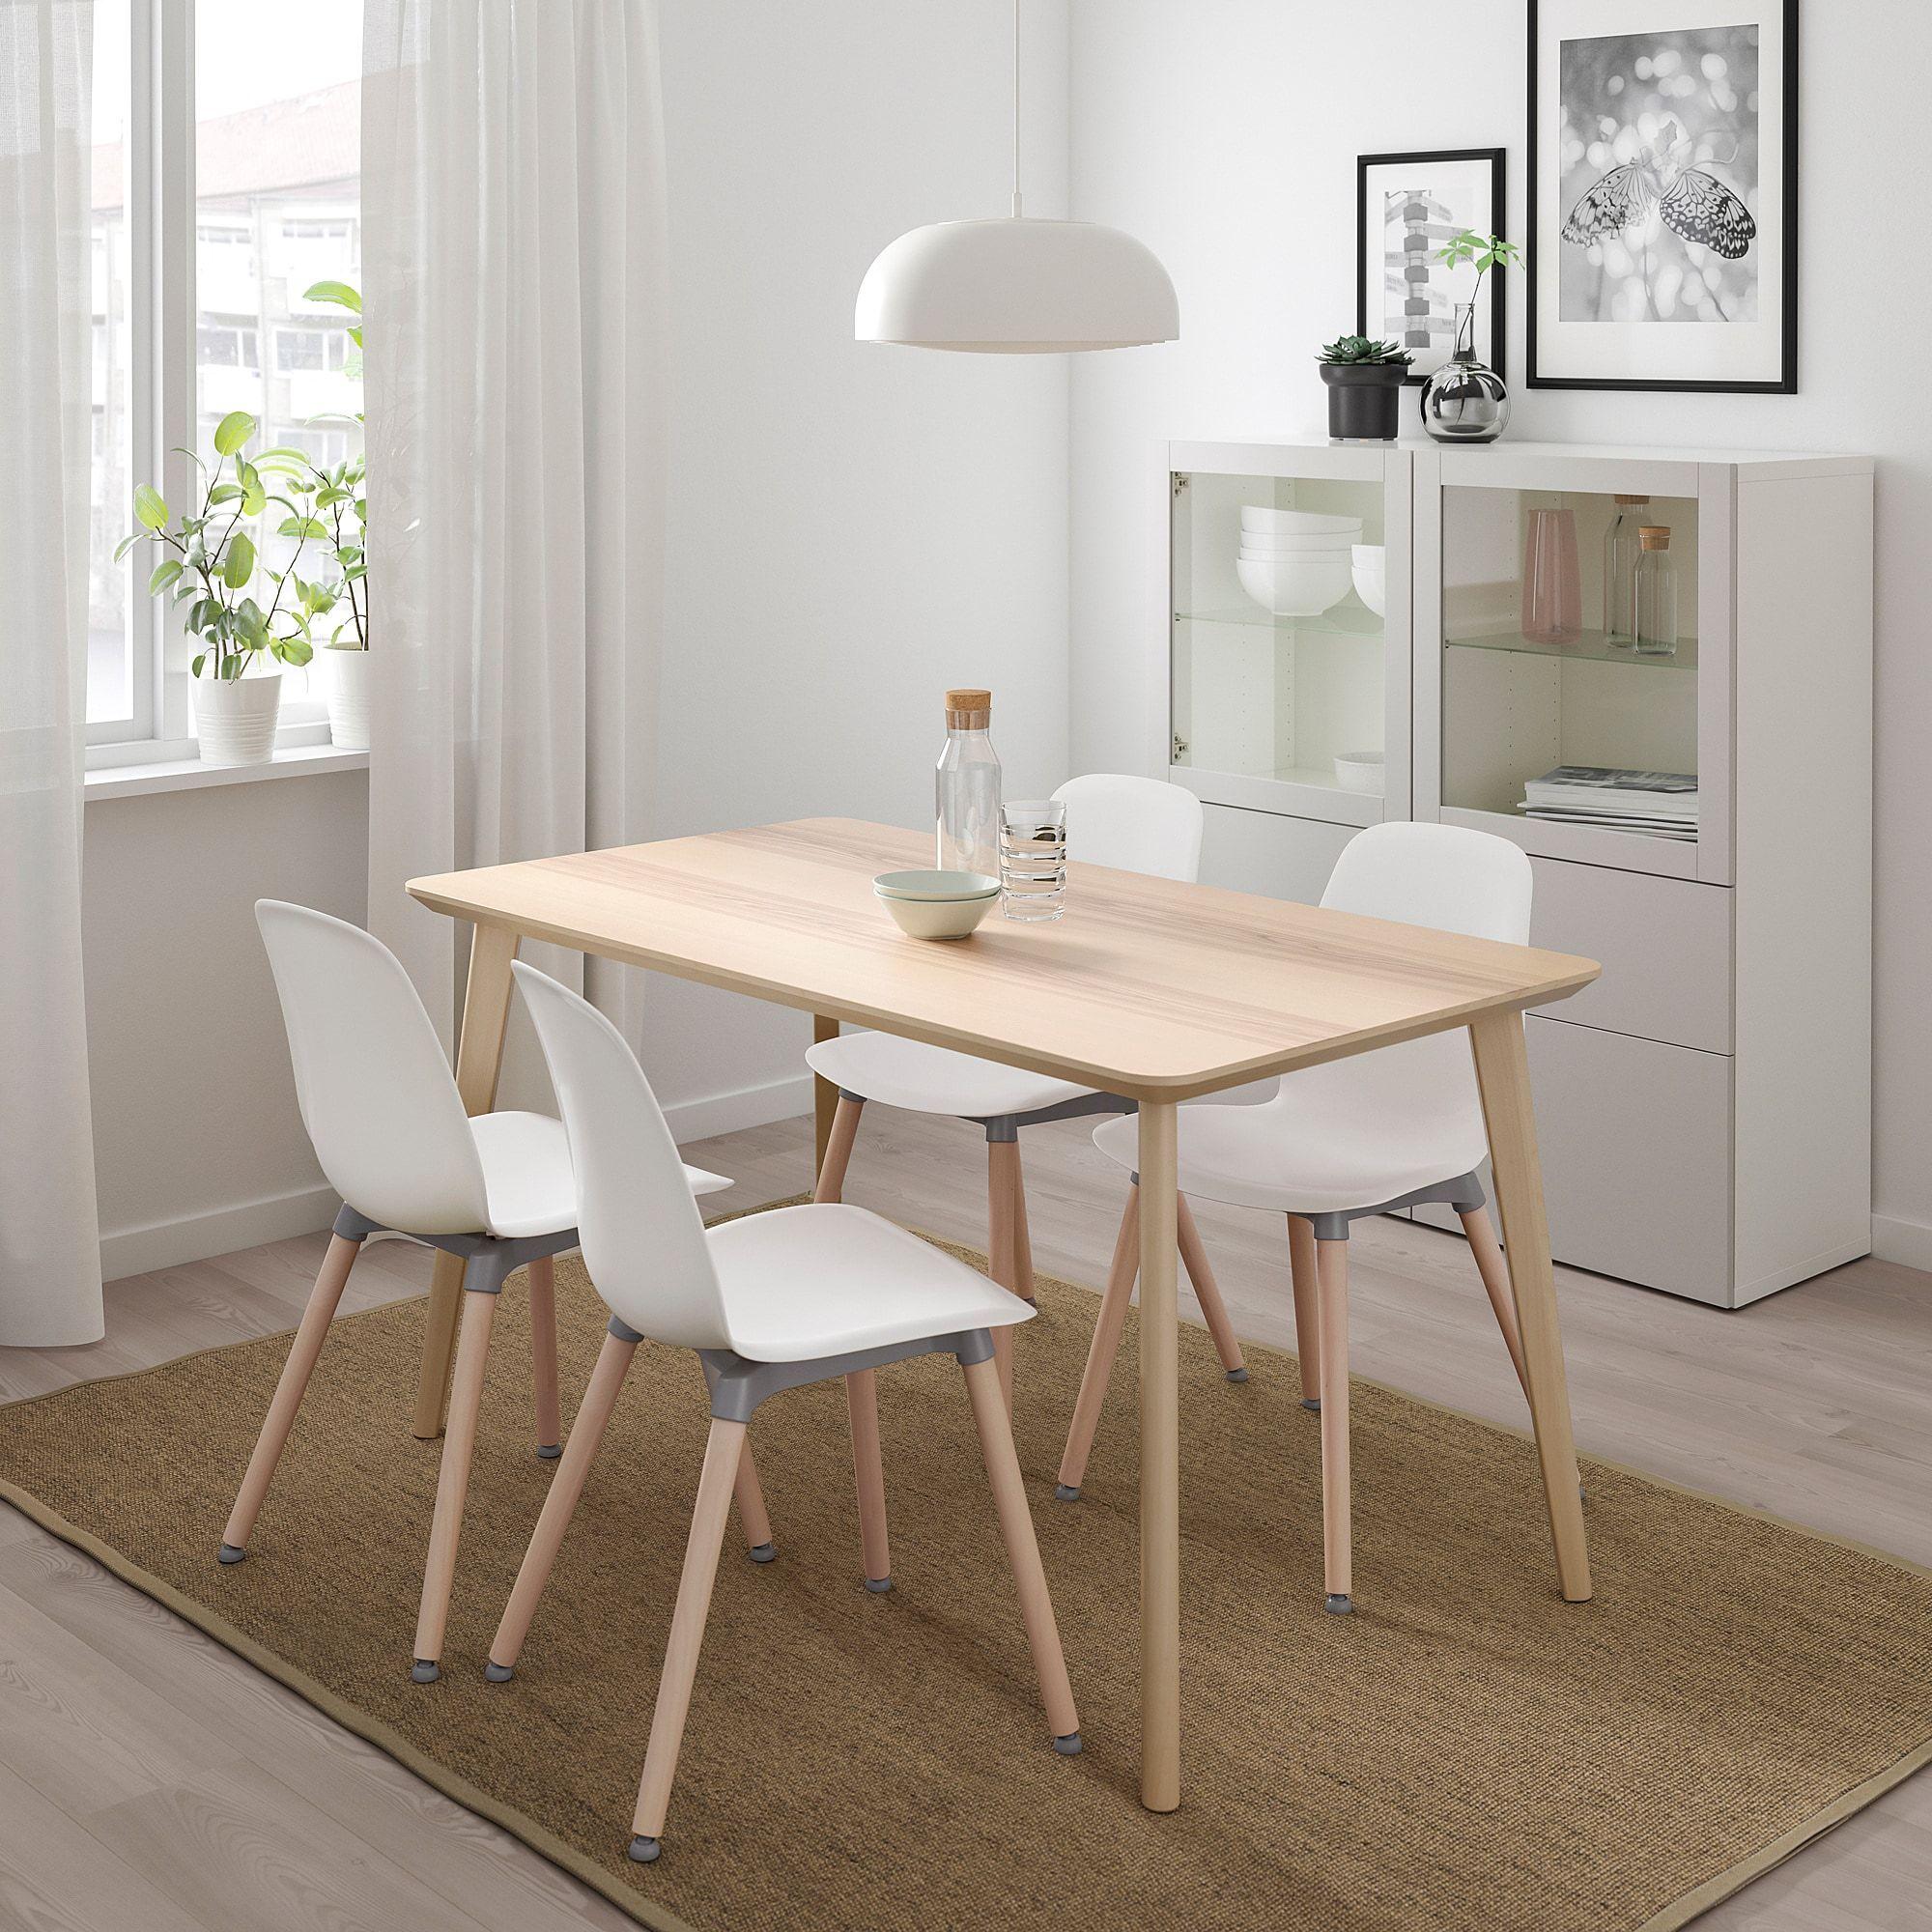 Lisabo Leifarne Tisch Und 4 Stuhle Eschenfurnier Weiss Ikea Osterreich Ikea Lisabo Ikea Esstisch Ikea Tisch